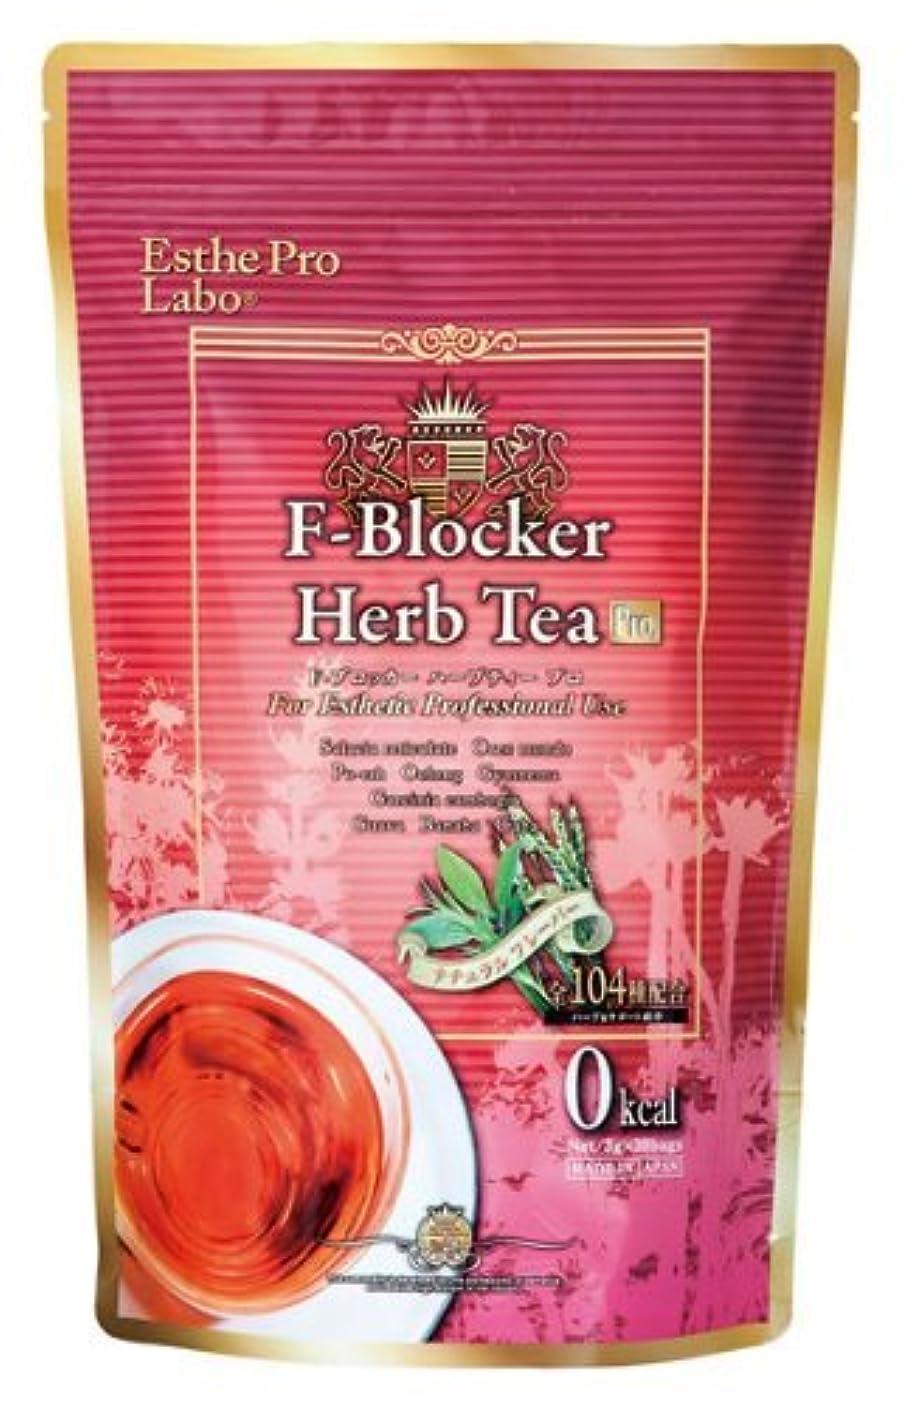 菊公園かび臭いエステプロ?ラボ F-Blocker Harb Tea Pro エフ ブロッカー ハーブティー プロ 3g ×30包 3箱セット